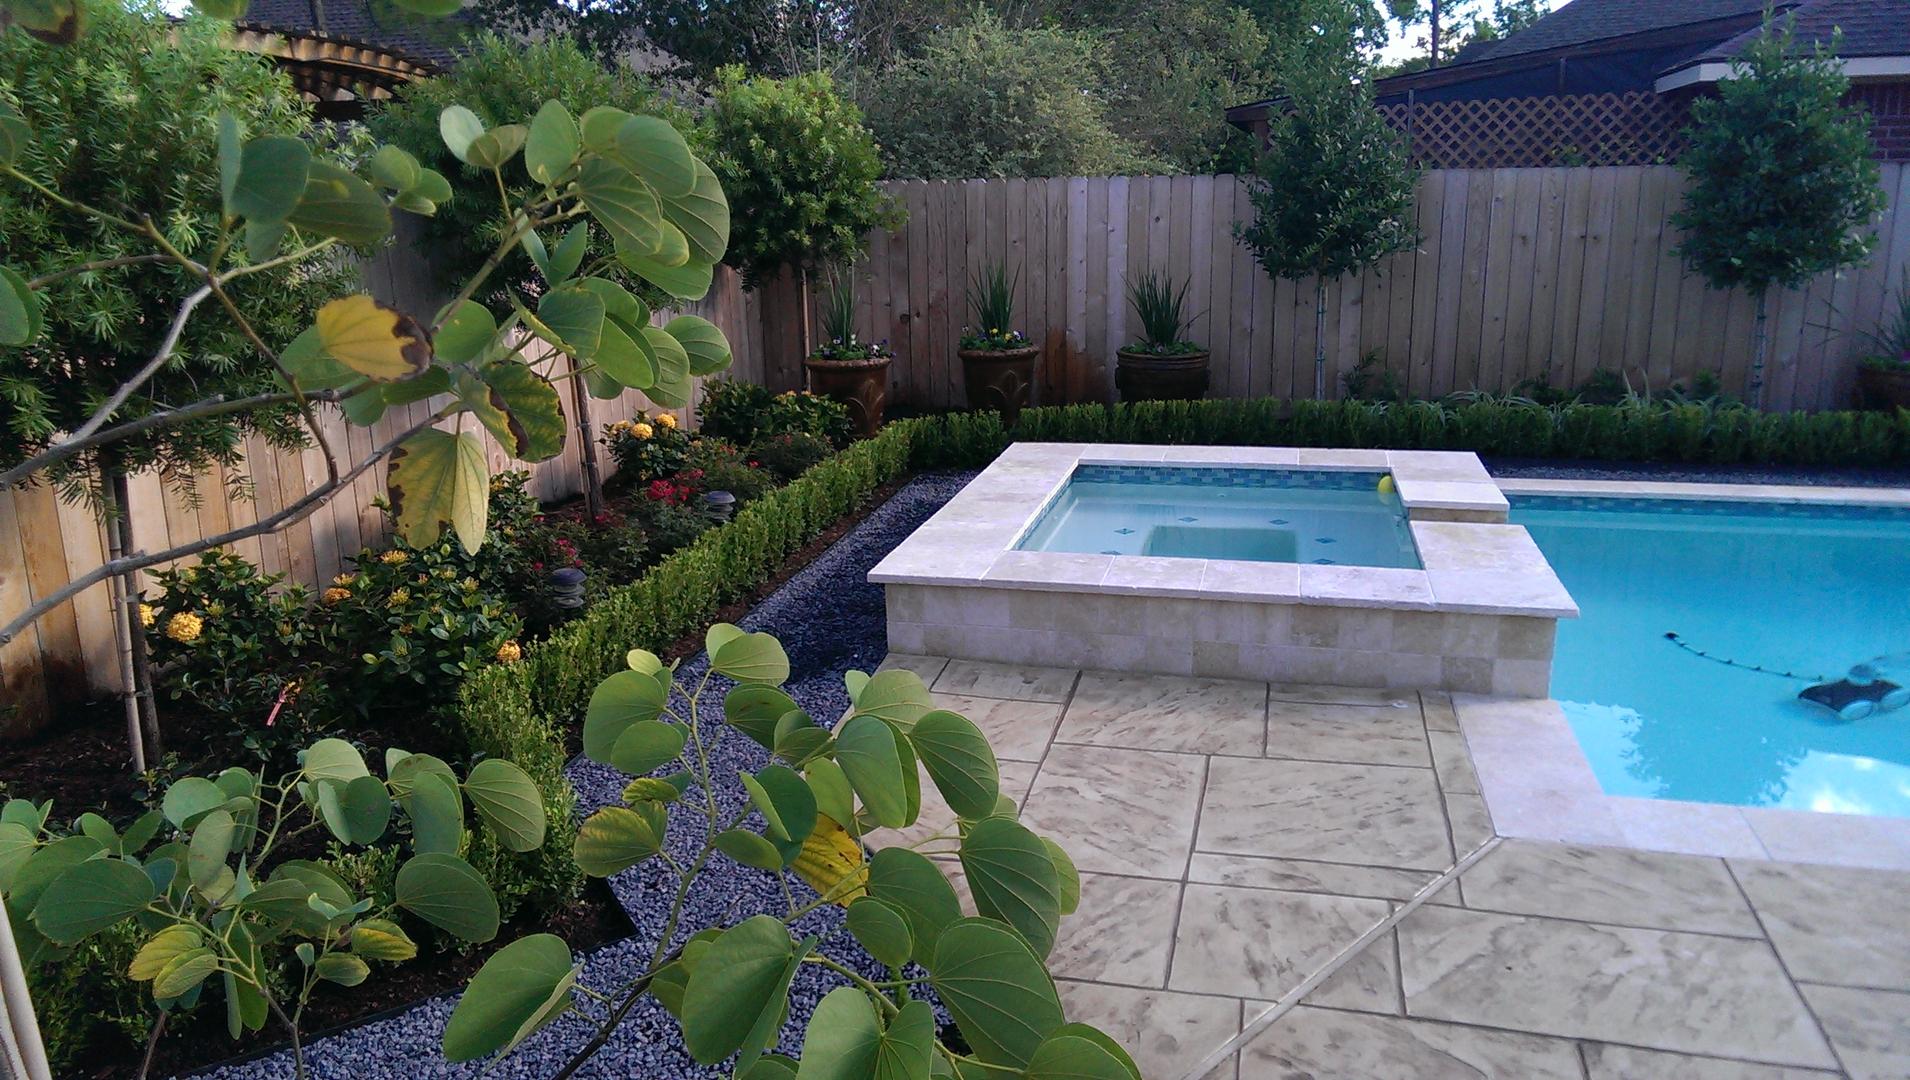 محوطه سازی حیاط با طراحی شیک و کاربردی